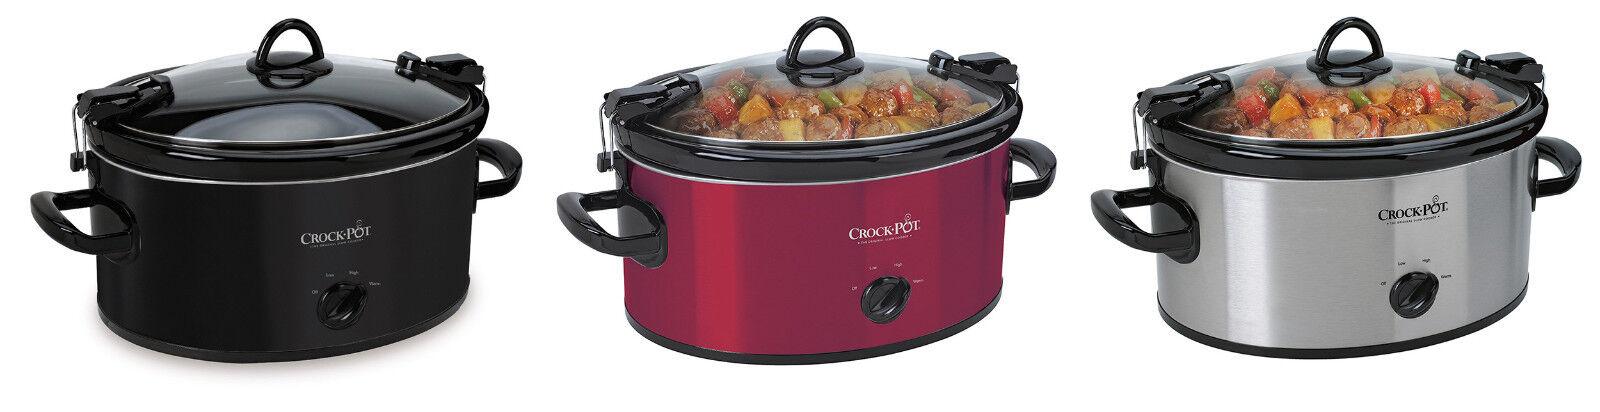 Crock-Pot SCCPVL600 Cook' N Carry 6-Quart Oval Portable Slow